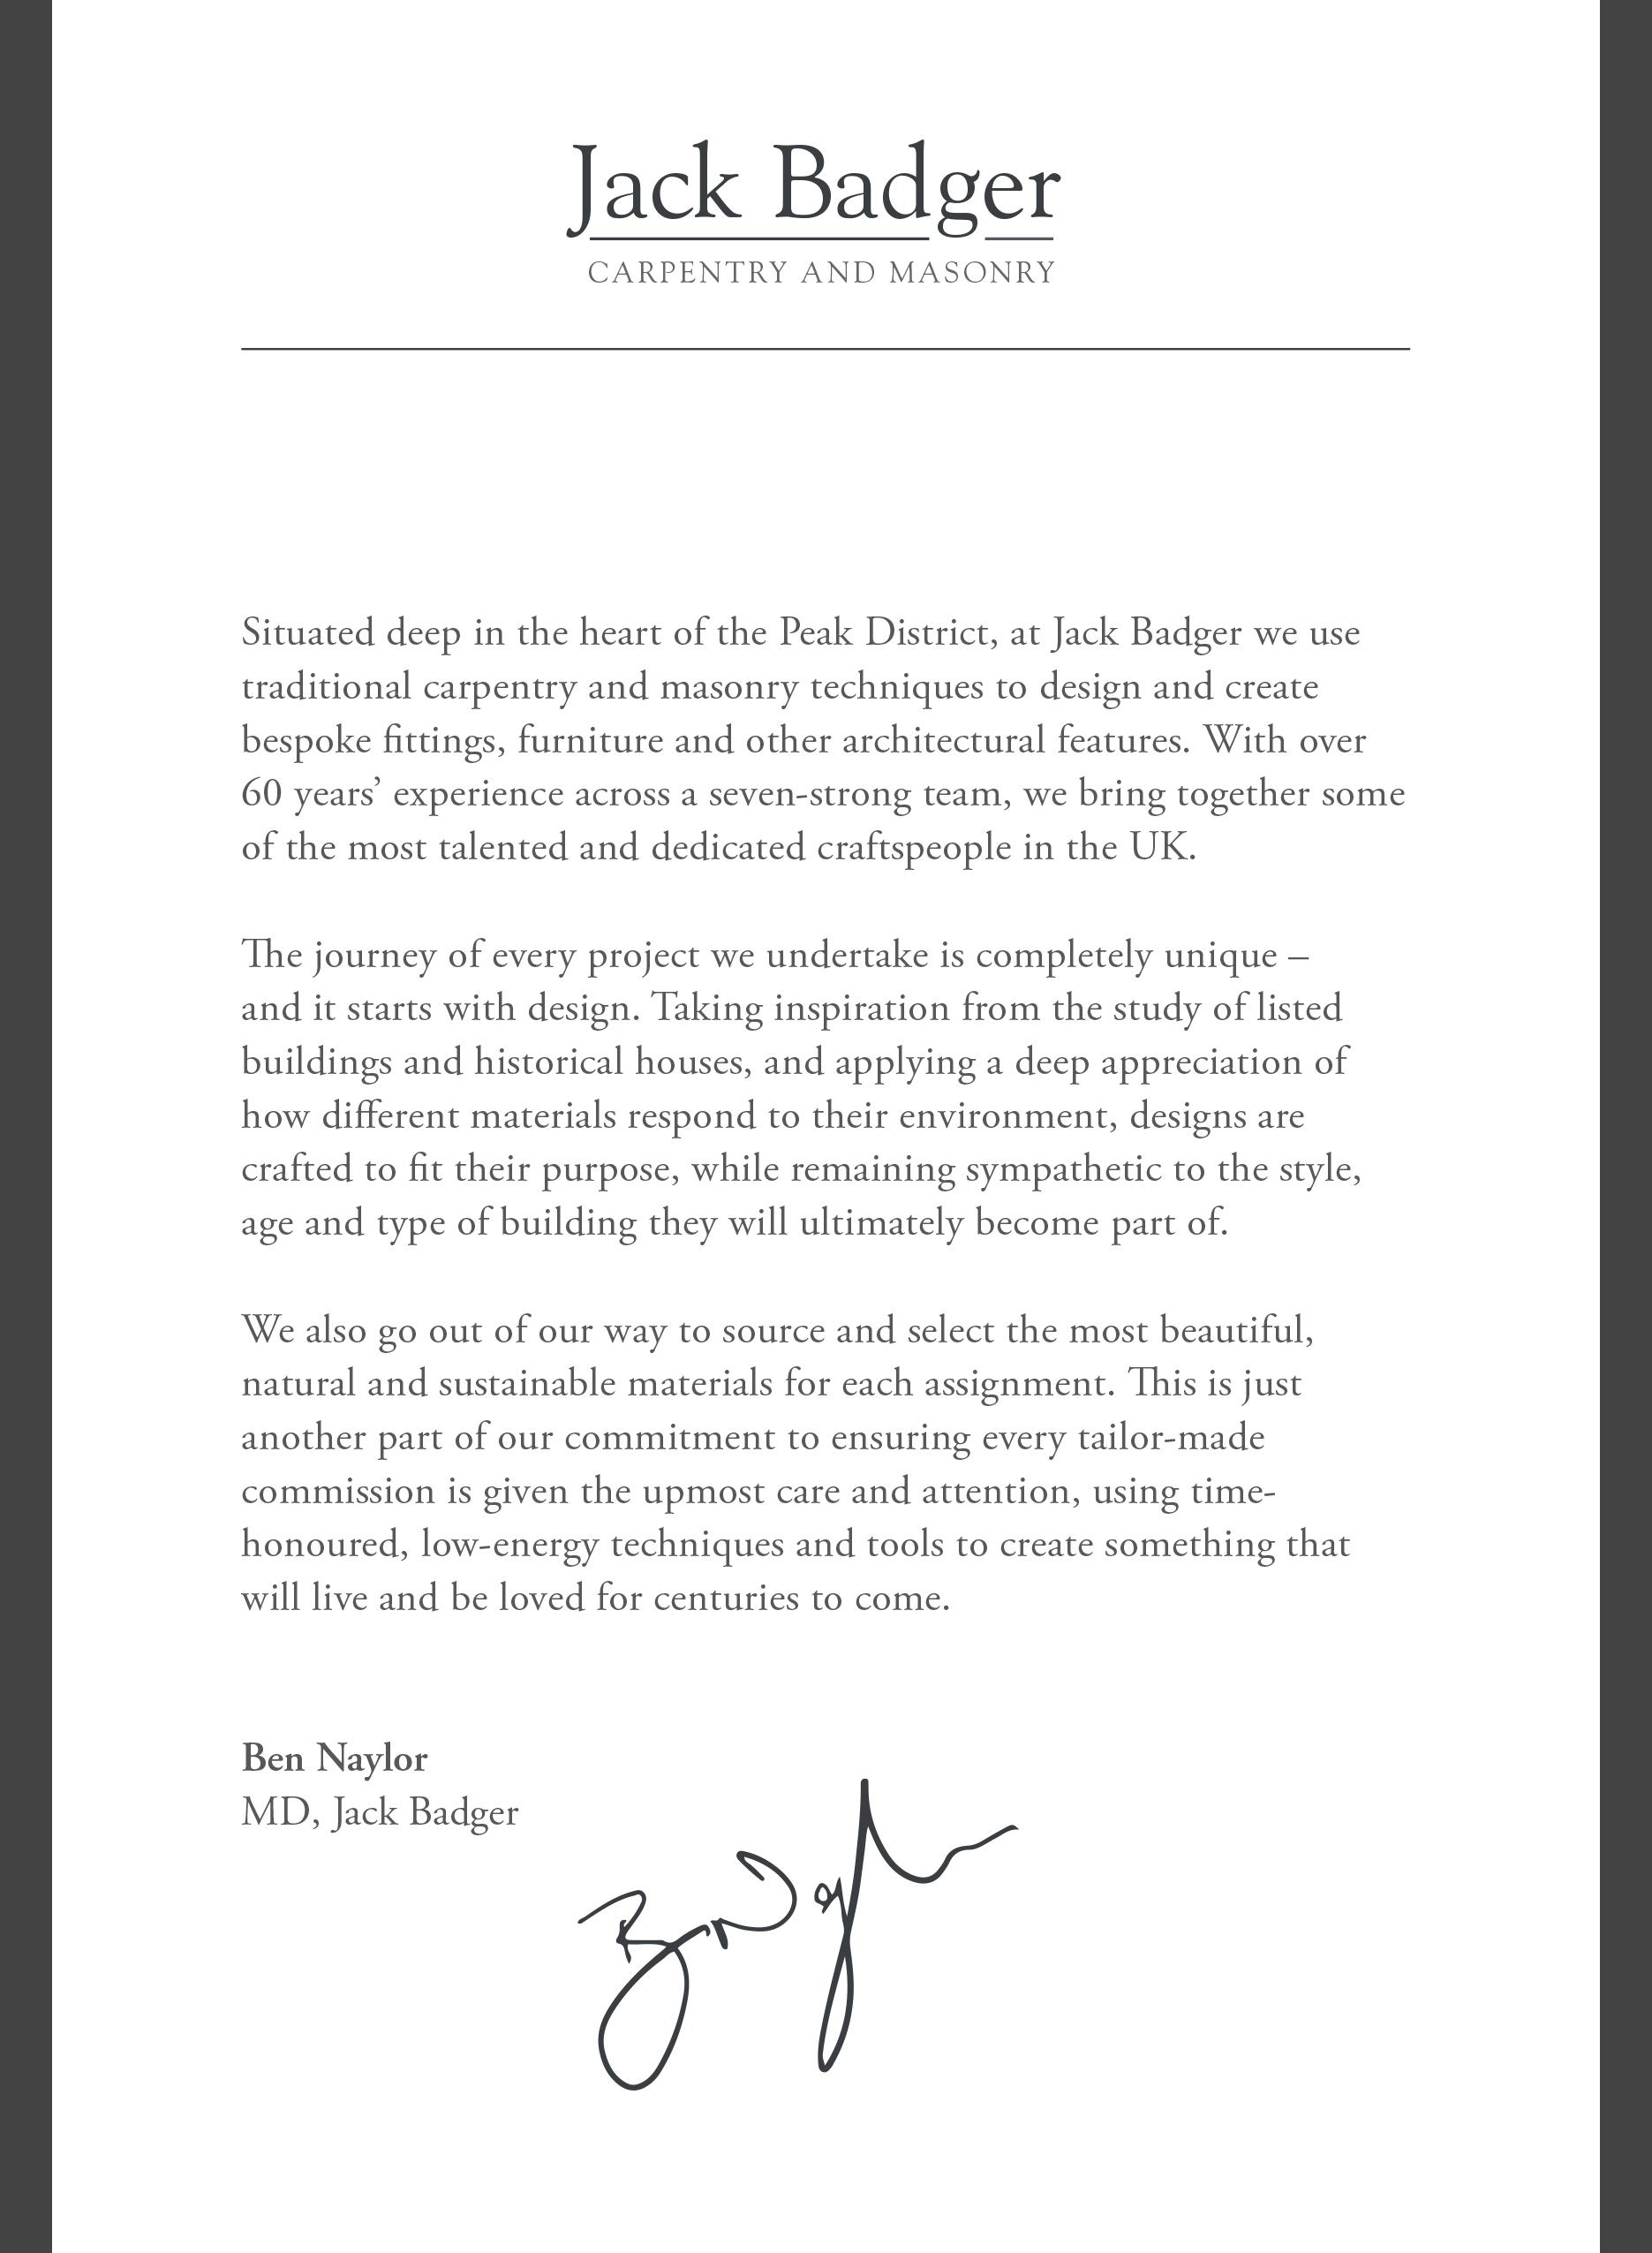 Jack Badger Booklet October 2017-2.jpg